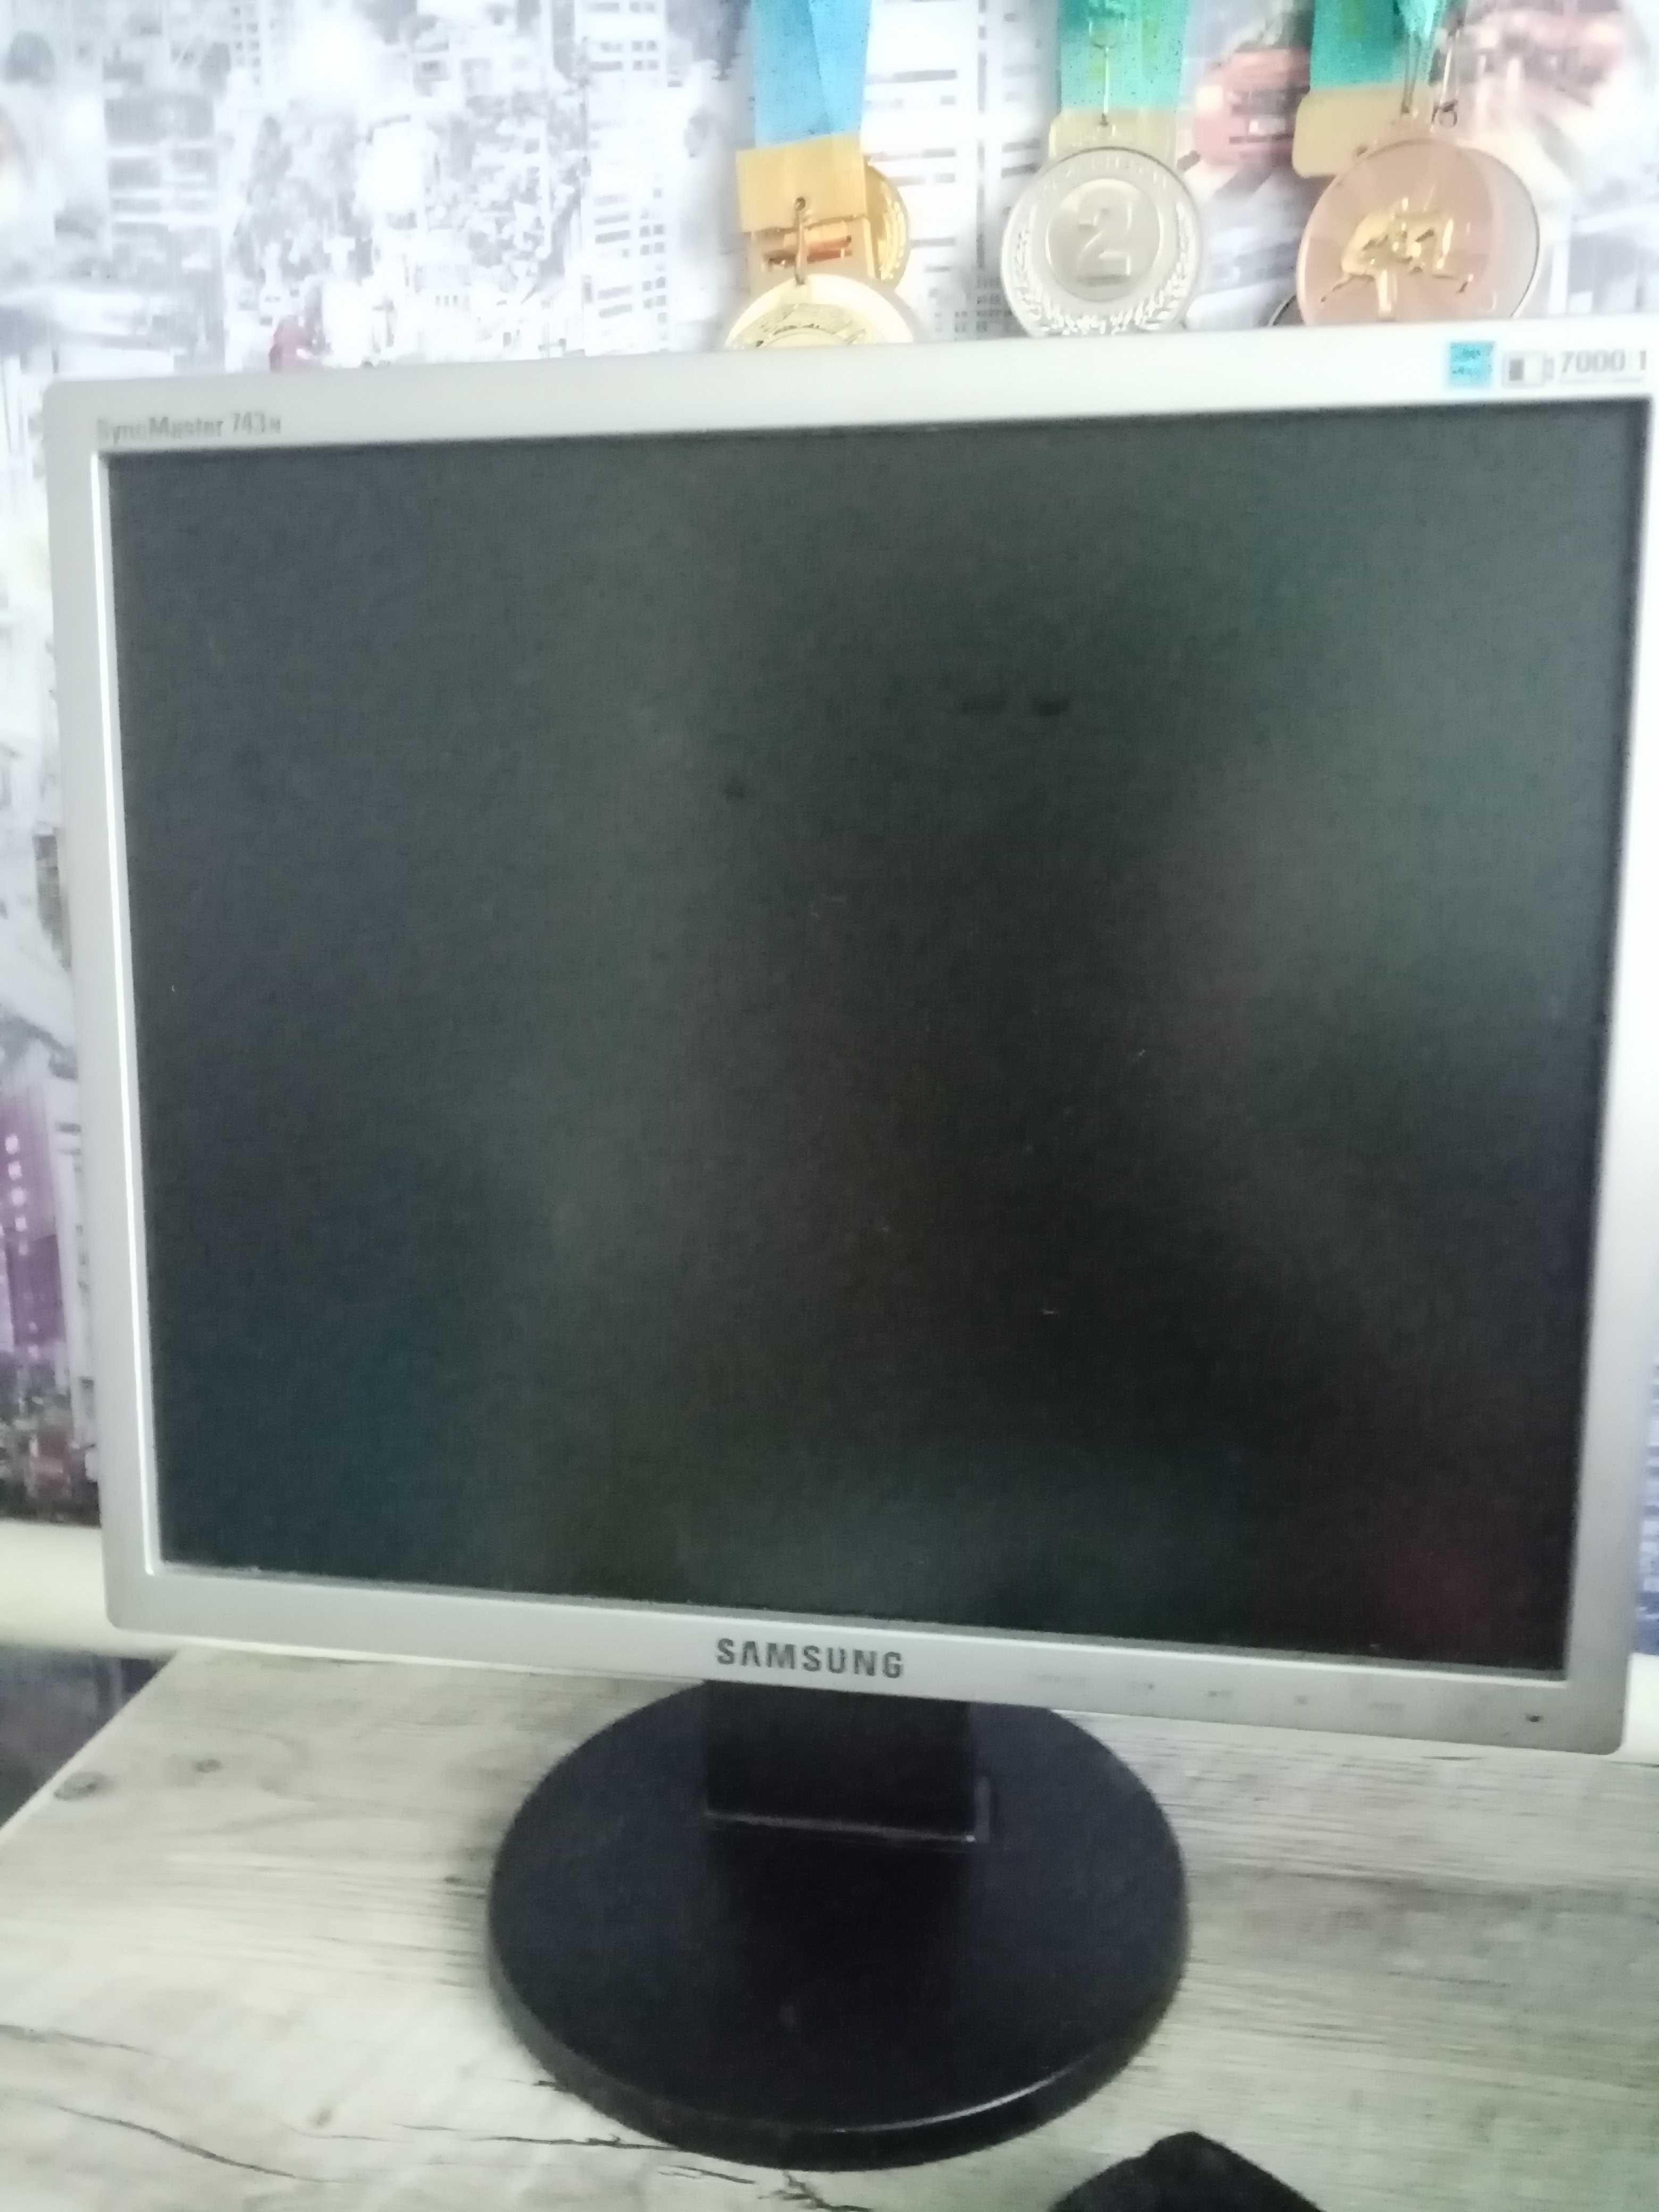 Samsung SyncMaster 743n